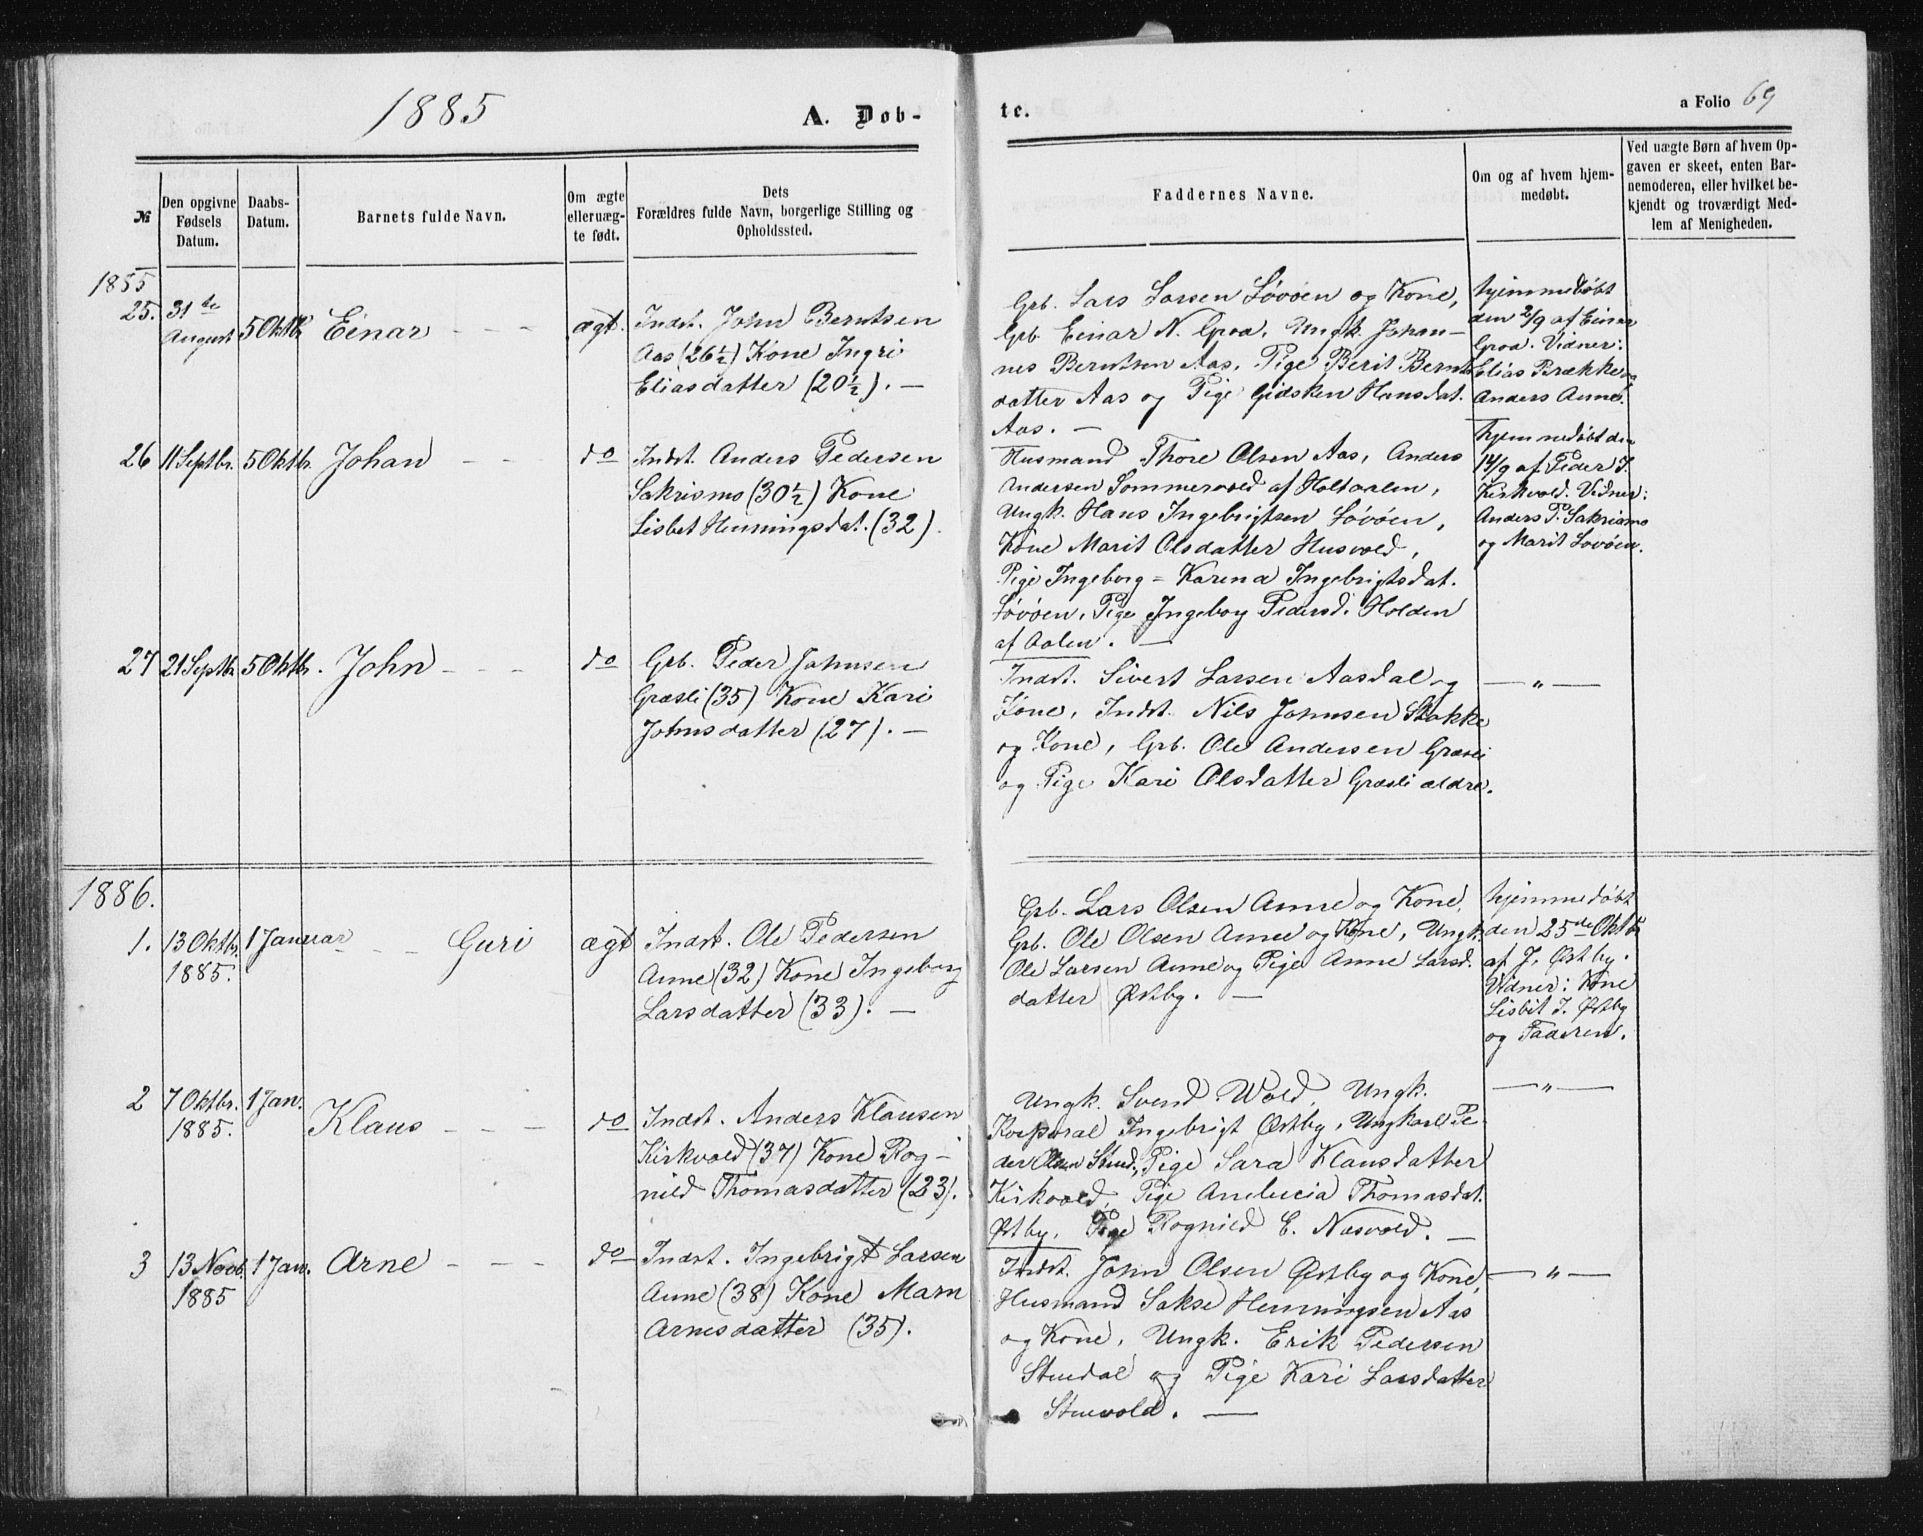 SAT, Ministerialprotokoller, klokkerbøker og fødselsregistre - Sør-Trøndelag, 698/L1166: Klokkerbok nr. 698C03, 1861-1887, s. 69